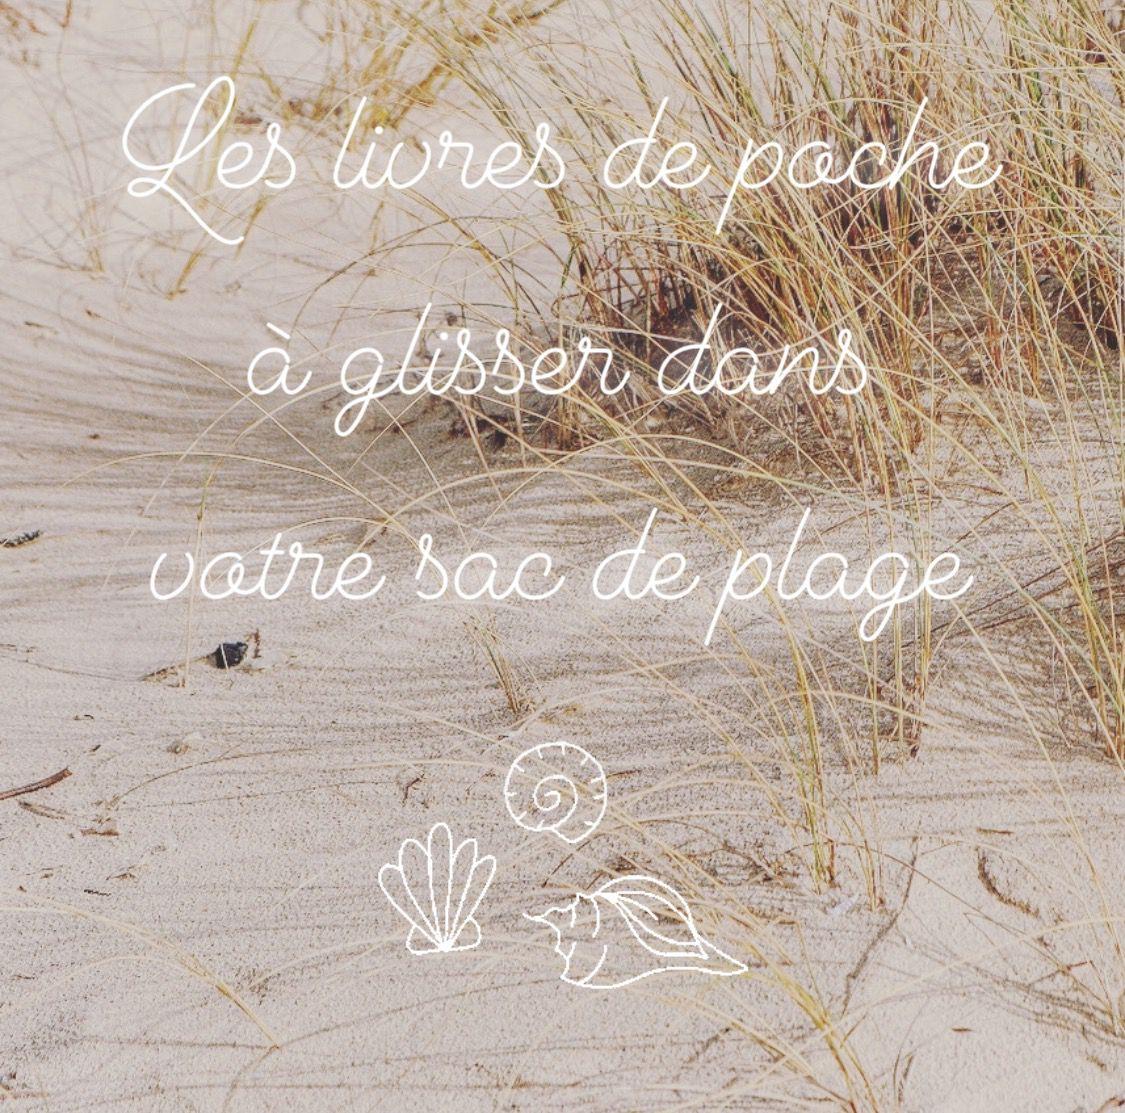 Les livres de poche à glisser dans votre sac de plage